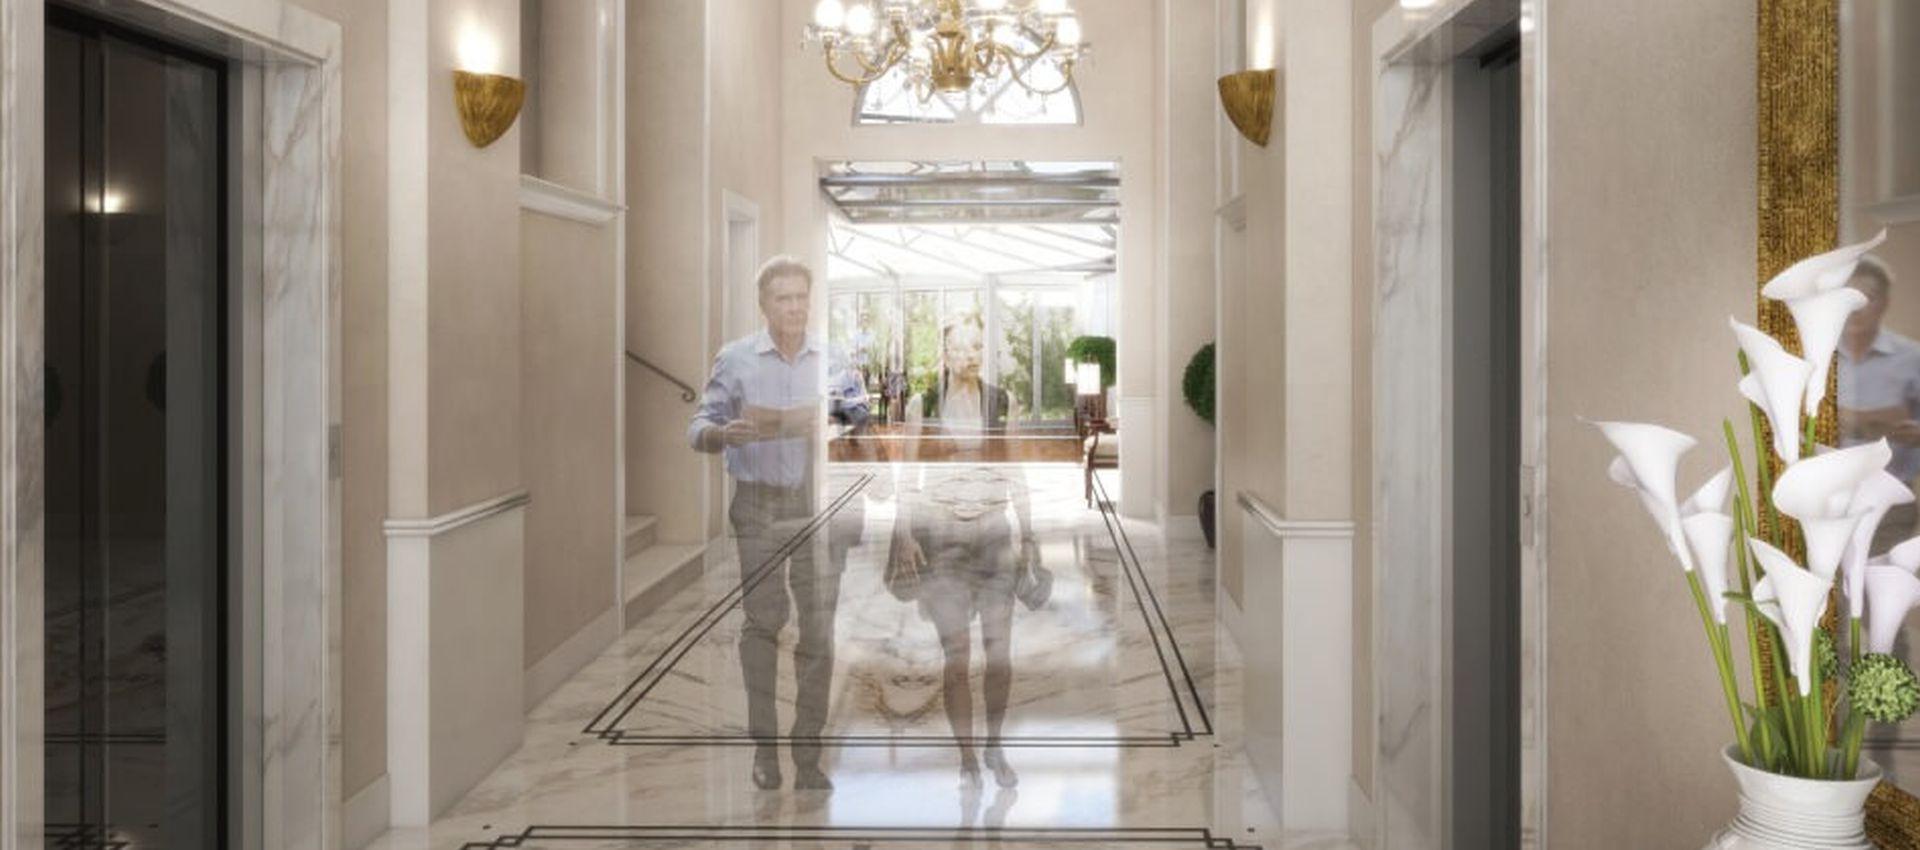 VRIJEDAN 10 MILIJUNA EURA Zagreb dobio novi luksuzni hotel Le Premier